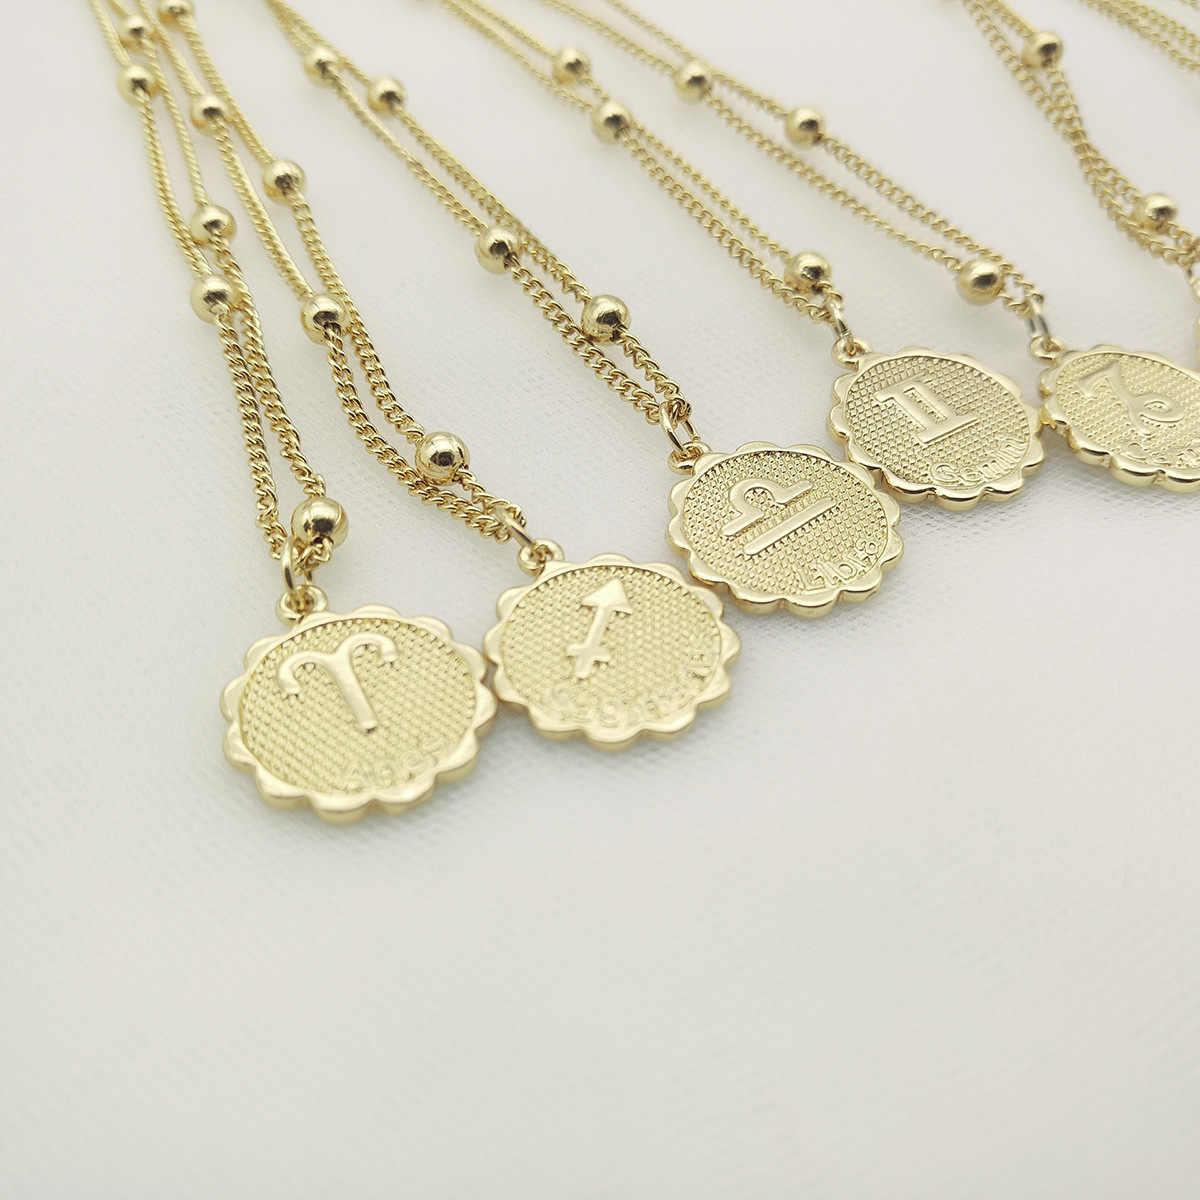 3UM ZodiacNecklace damskie naszyjniki konstelacji niebiańska biżuteria Keepsake Virgo Taurus Leo Gemini wisiorek Collier Ball Chain